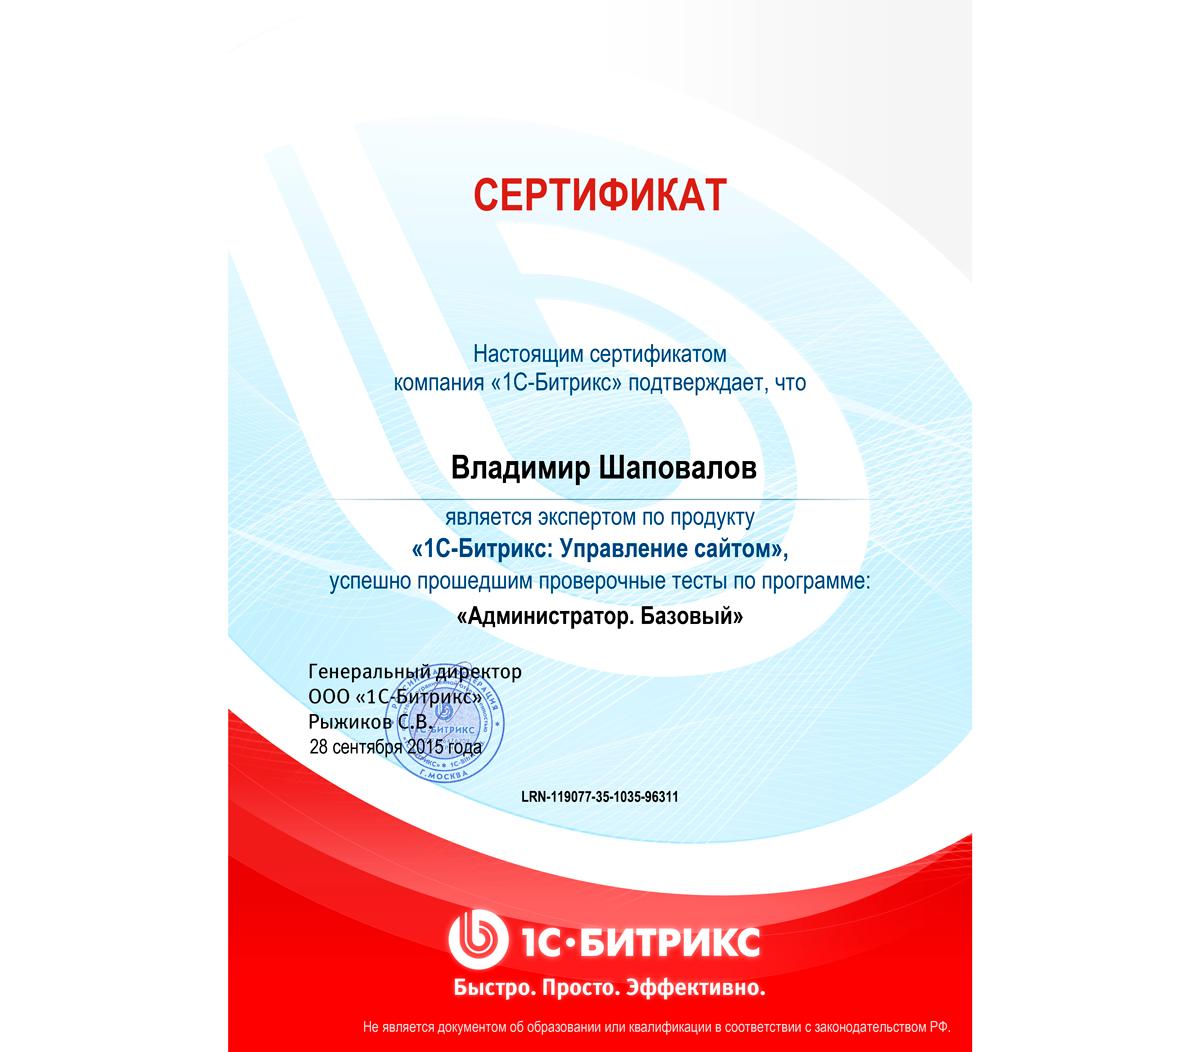 Сертификат Битрикс. Администратор. Базовый.